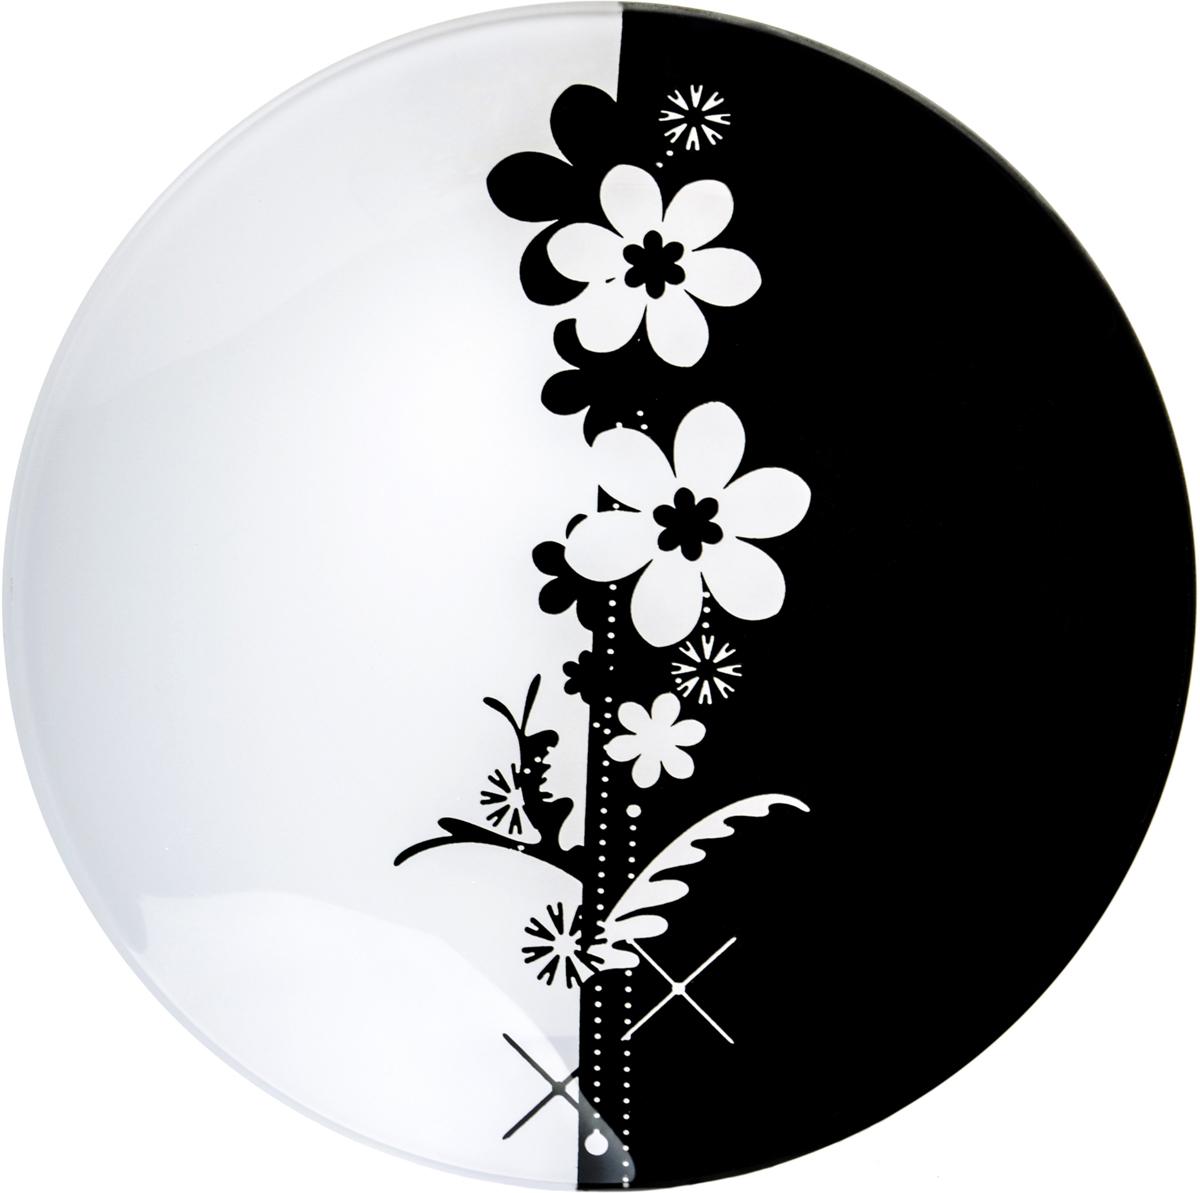 Тарелка Nina Glass Ромашки, цвет: черный, диаметр 14 смNG85-140-127BWСтеклянная посуда Никольского завода светотехнического стекла, известная под торговой маркой NinaGlass, успешно продается в российских магазинах. Продукция выглядит презентабельно, ассортимент весьма широк. Яркие, емкие, приятные тактильно салатники будут шикарно смотреться на обеденном столе. Салатники и блюда предназначены для сервировки стола. Пригодны для ежедневного использования.Цветные салатники и тарелки NinaGlass нельзя использовать в СВЧ и мыть в ПММ.